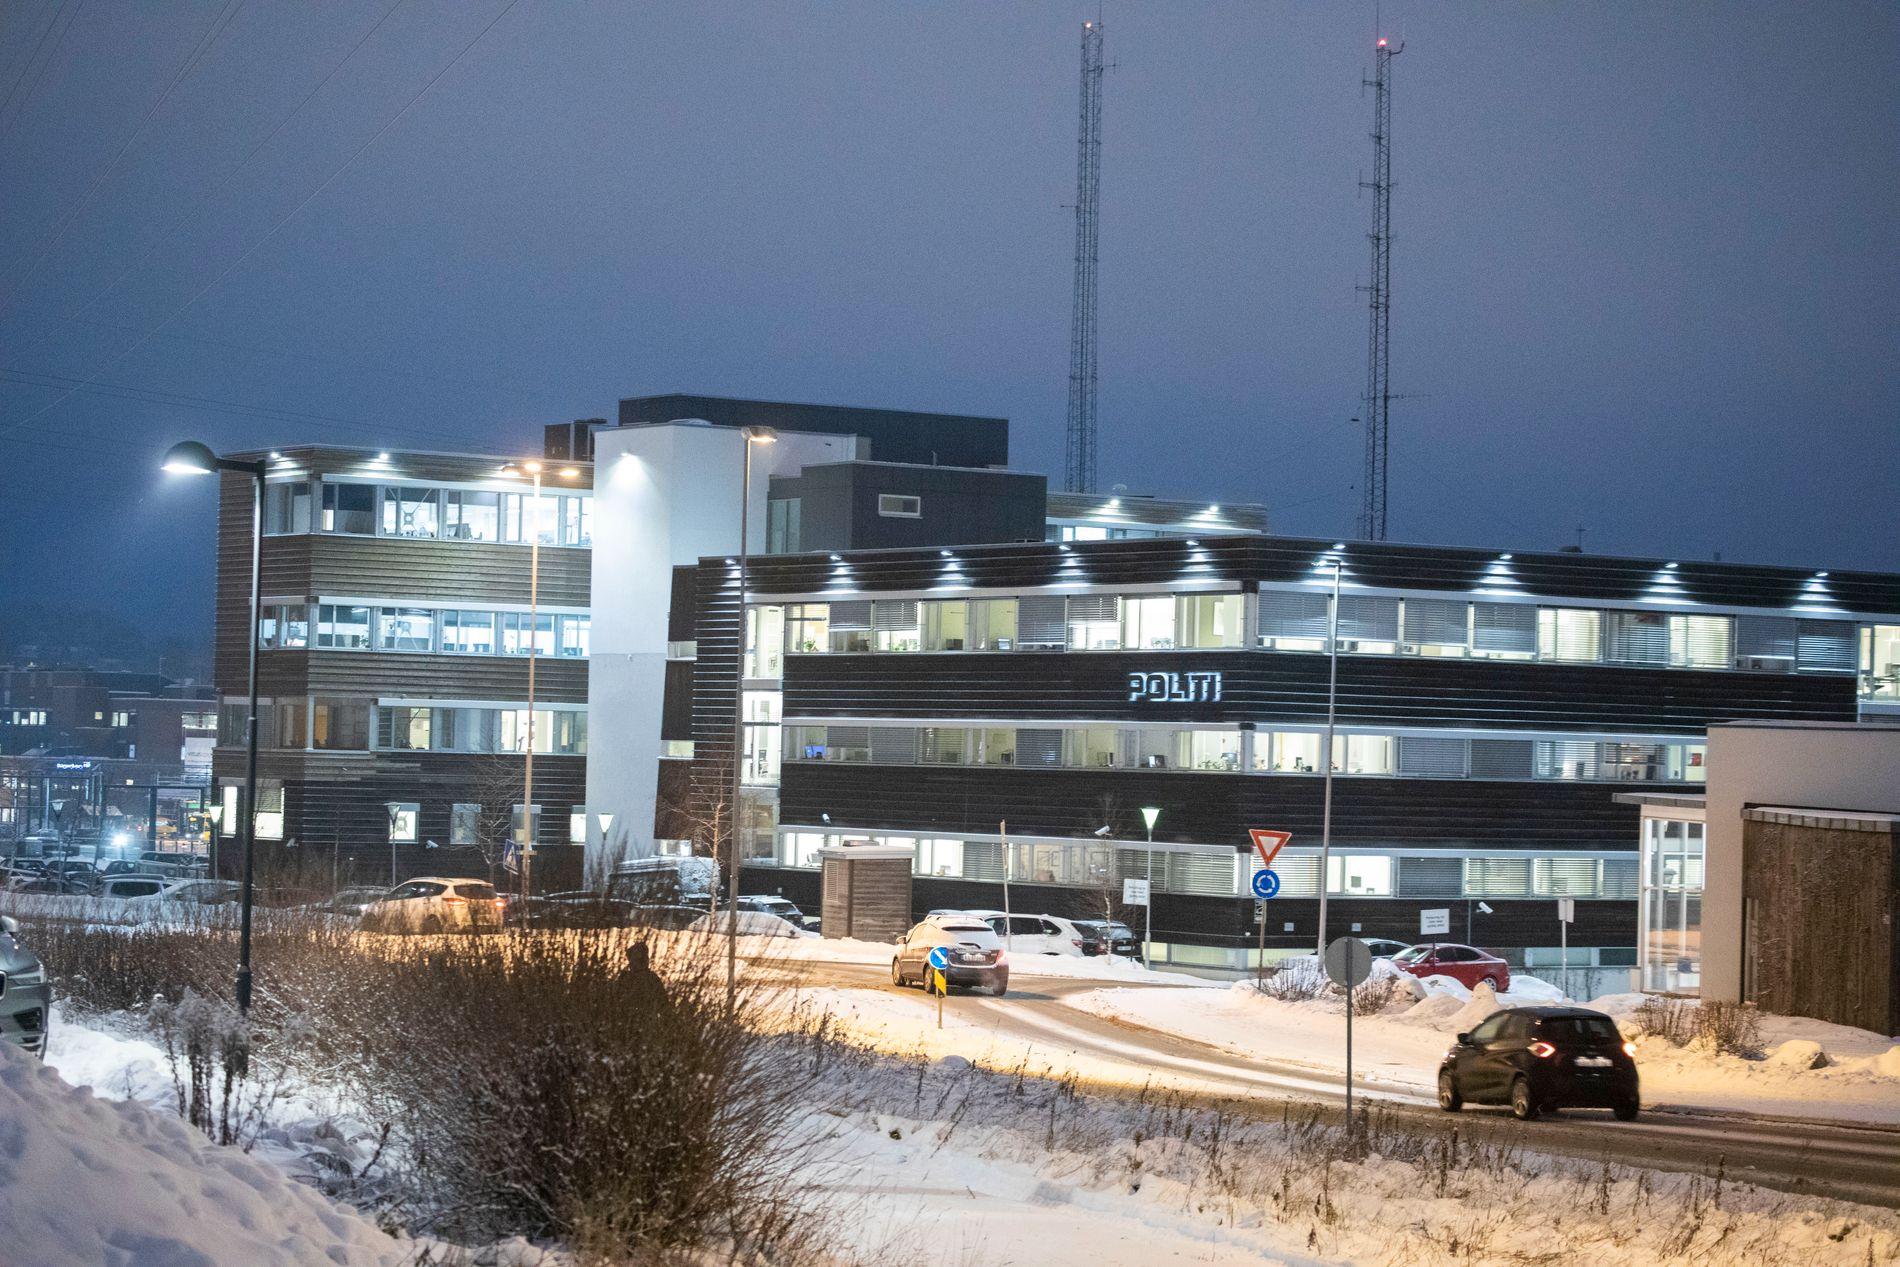 ETTERFORSKET: Øst politidistrikt, her ved politihuset i Ski, har etterforsket saken.